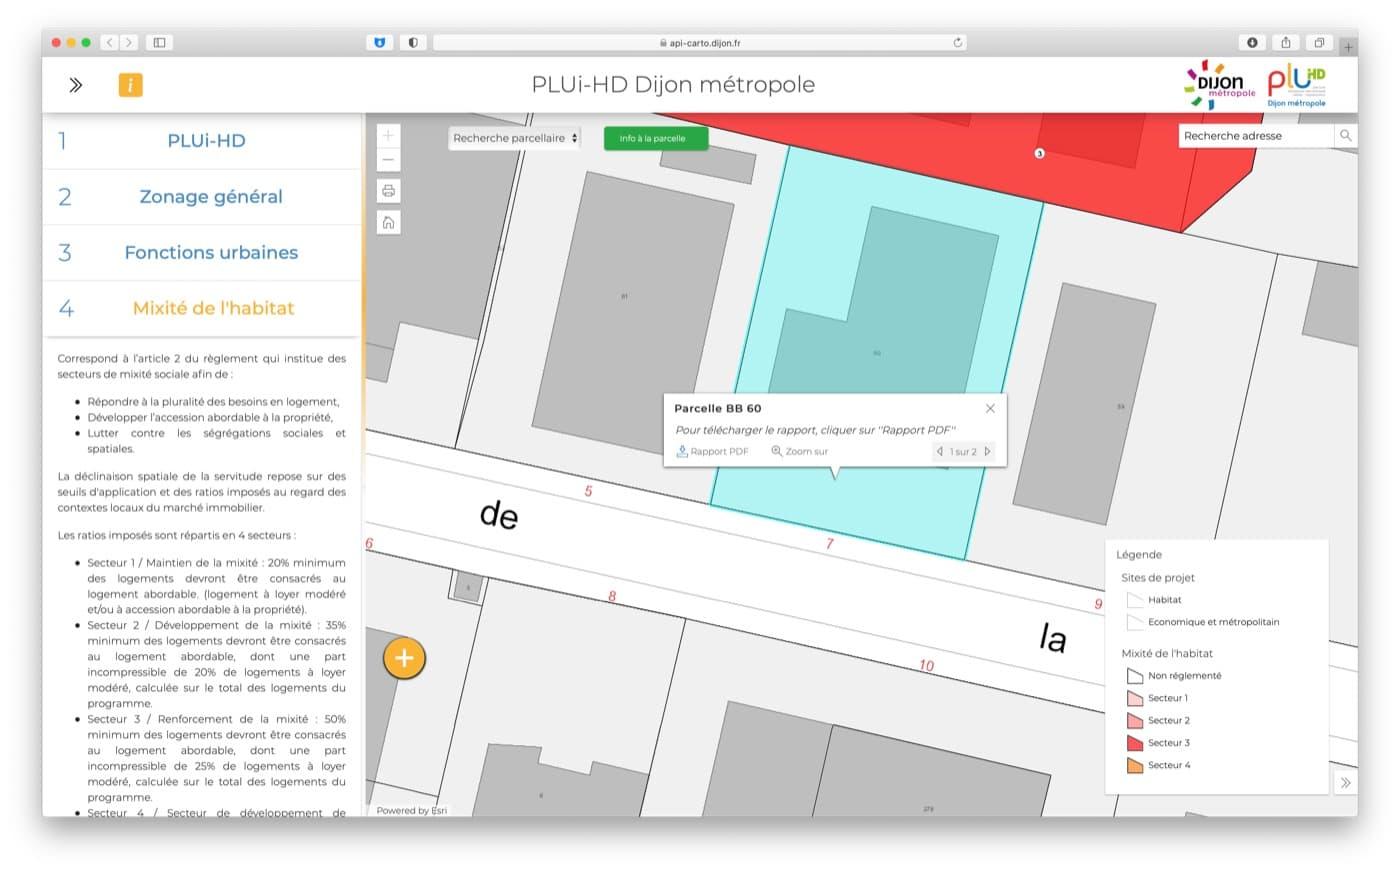 Capture d'écran du site cartographique du PLUi-HD de Dijon métropole